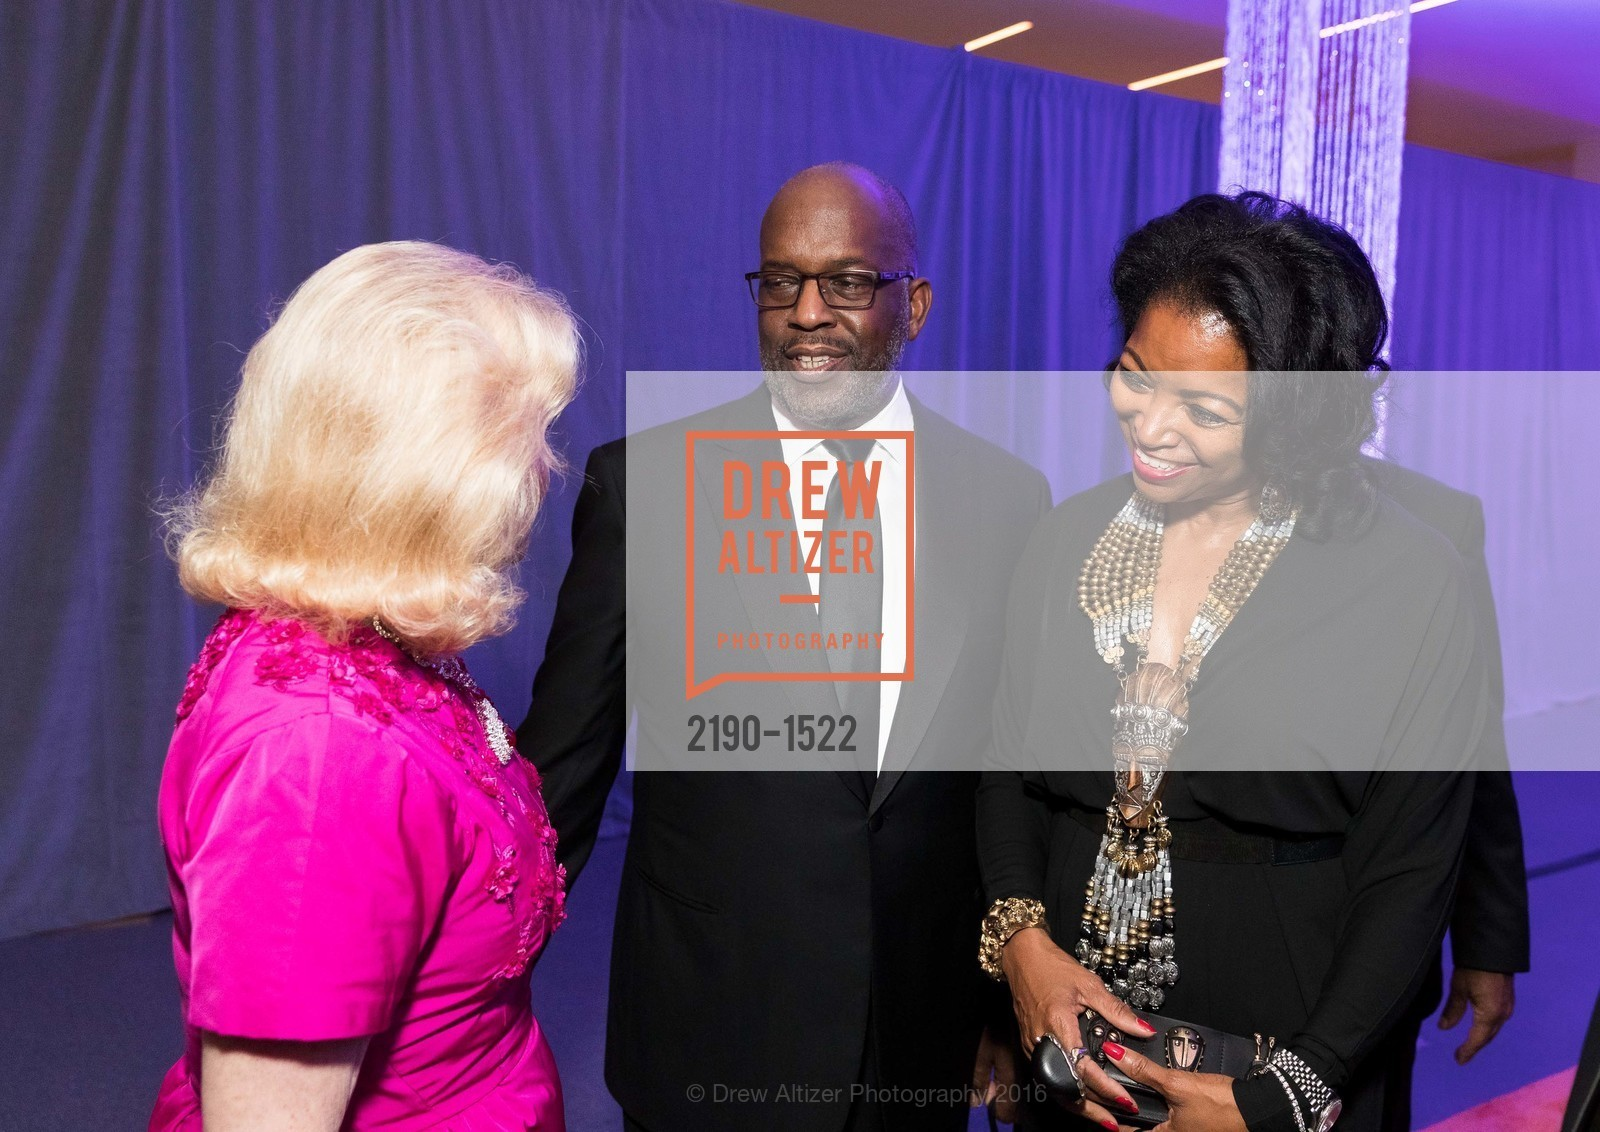 Dede Wilsey, Bernard Tyson, Denise Bradley Tyson, Photo #2190-1522